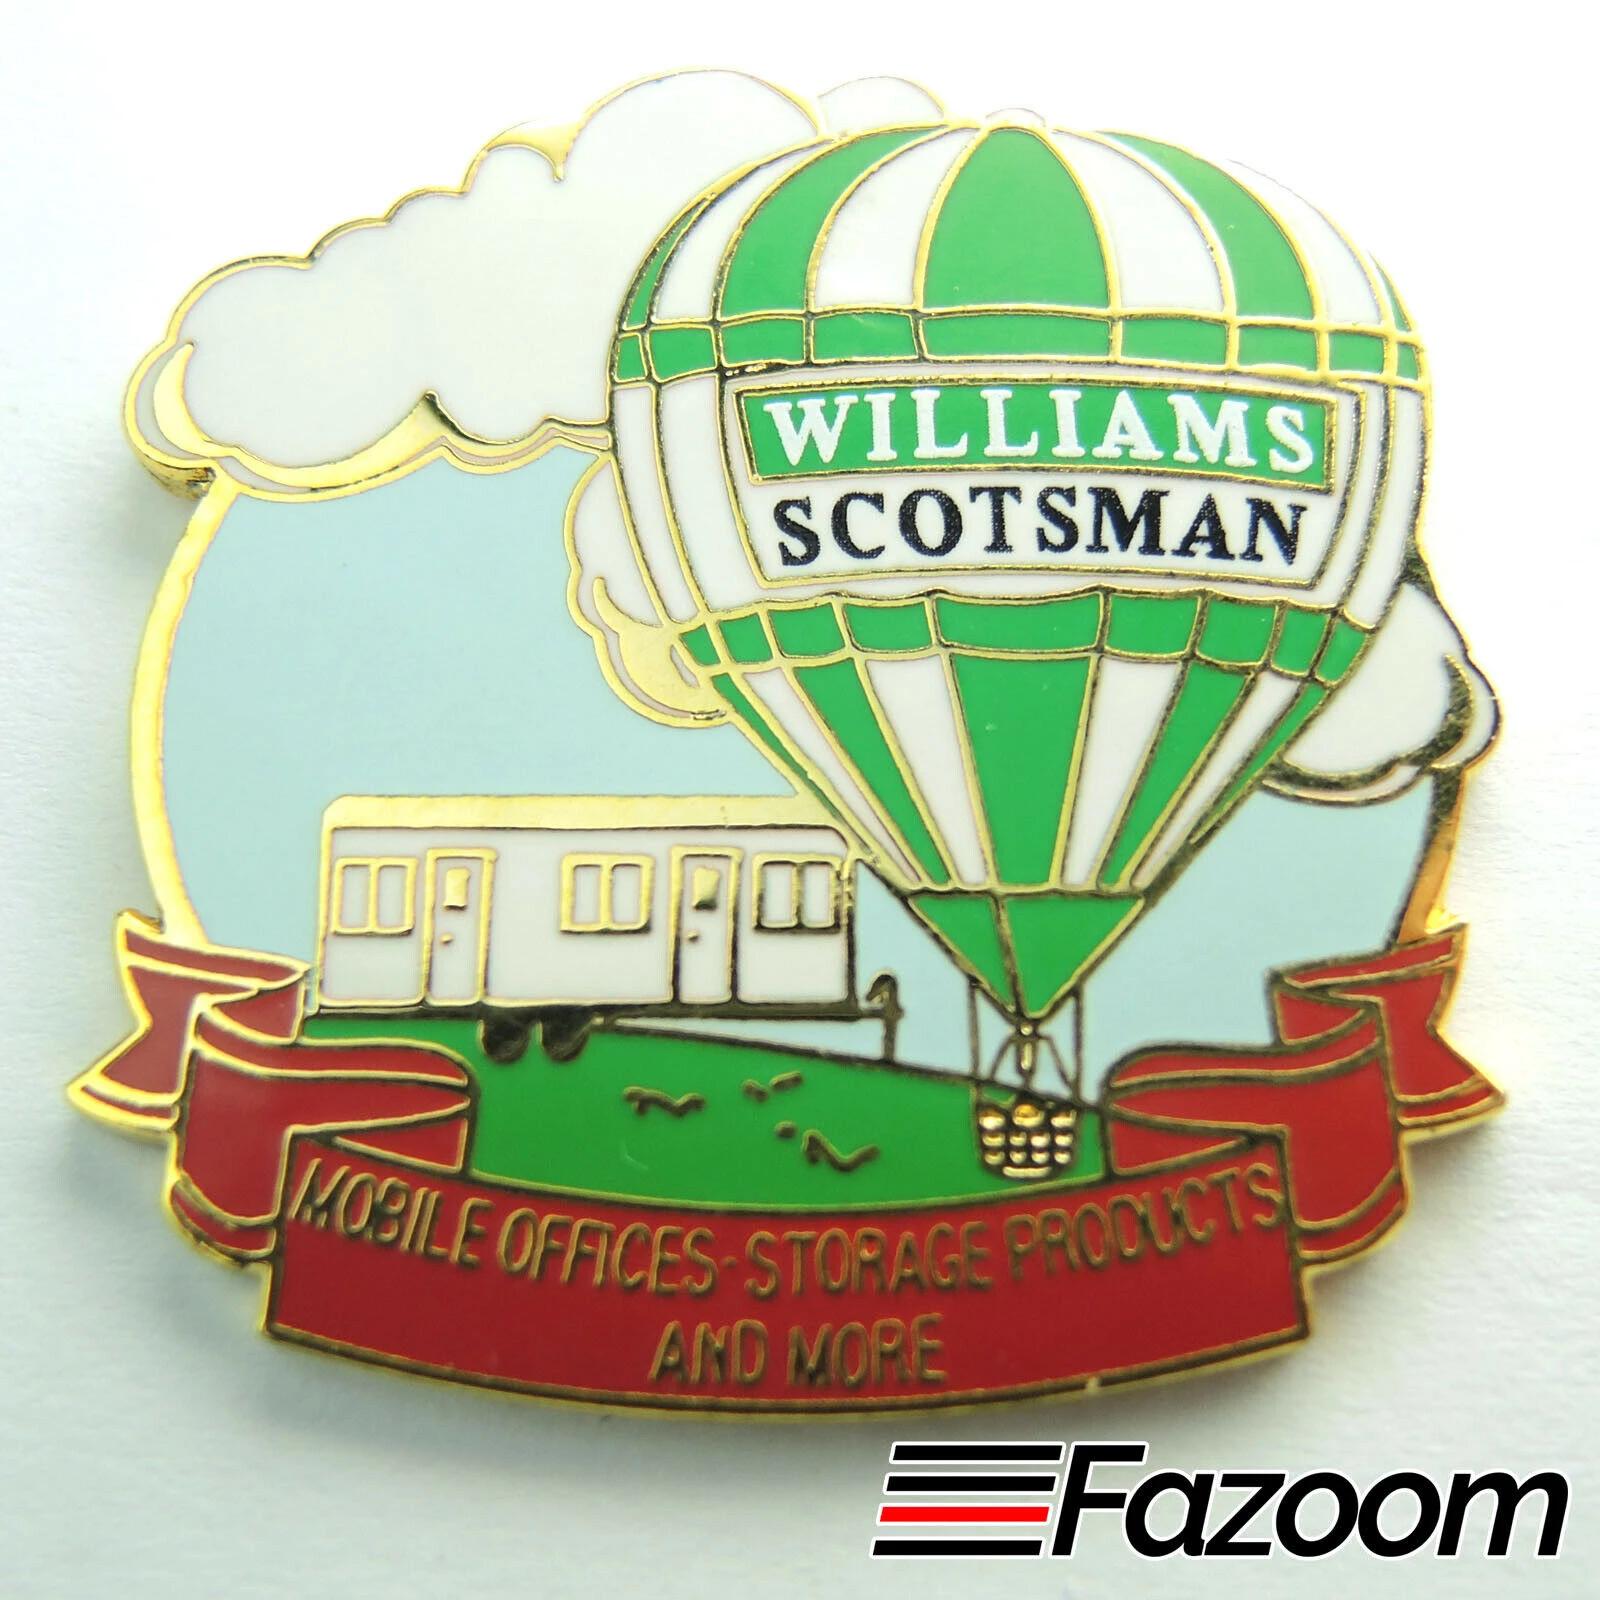 Williams Scotsman Hot Air Balloon 1-1/2 Inch Hot Air Balloon Lapel Pin